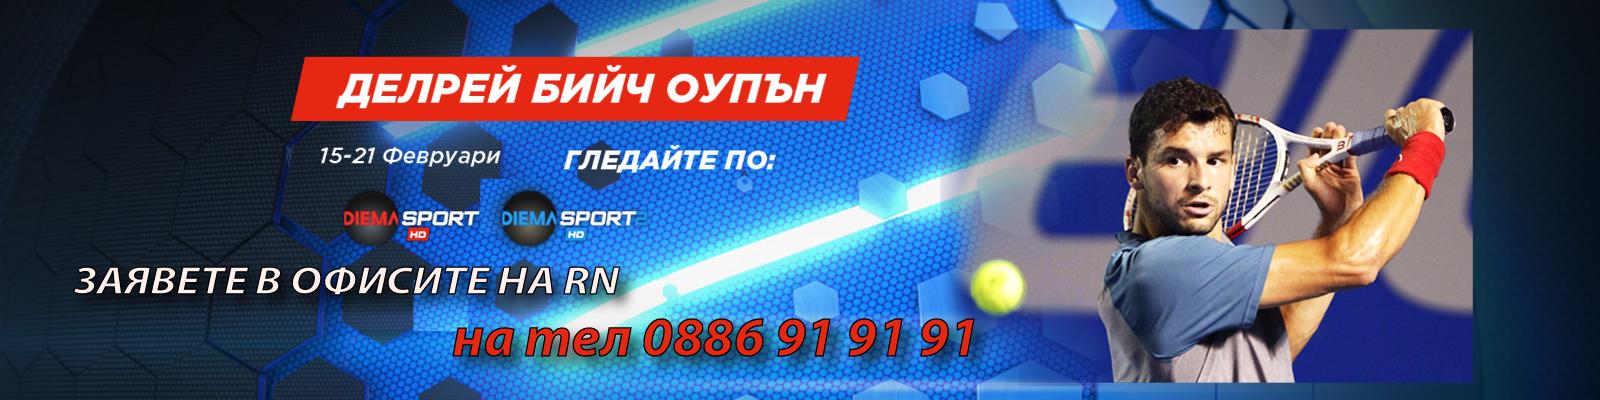 Диема Спорт 15-21.02.2016г.